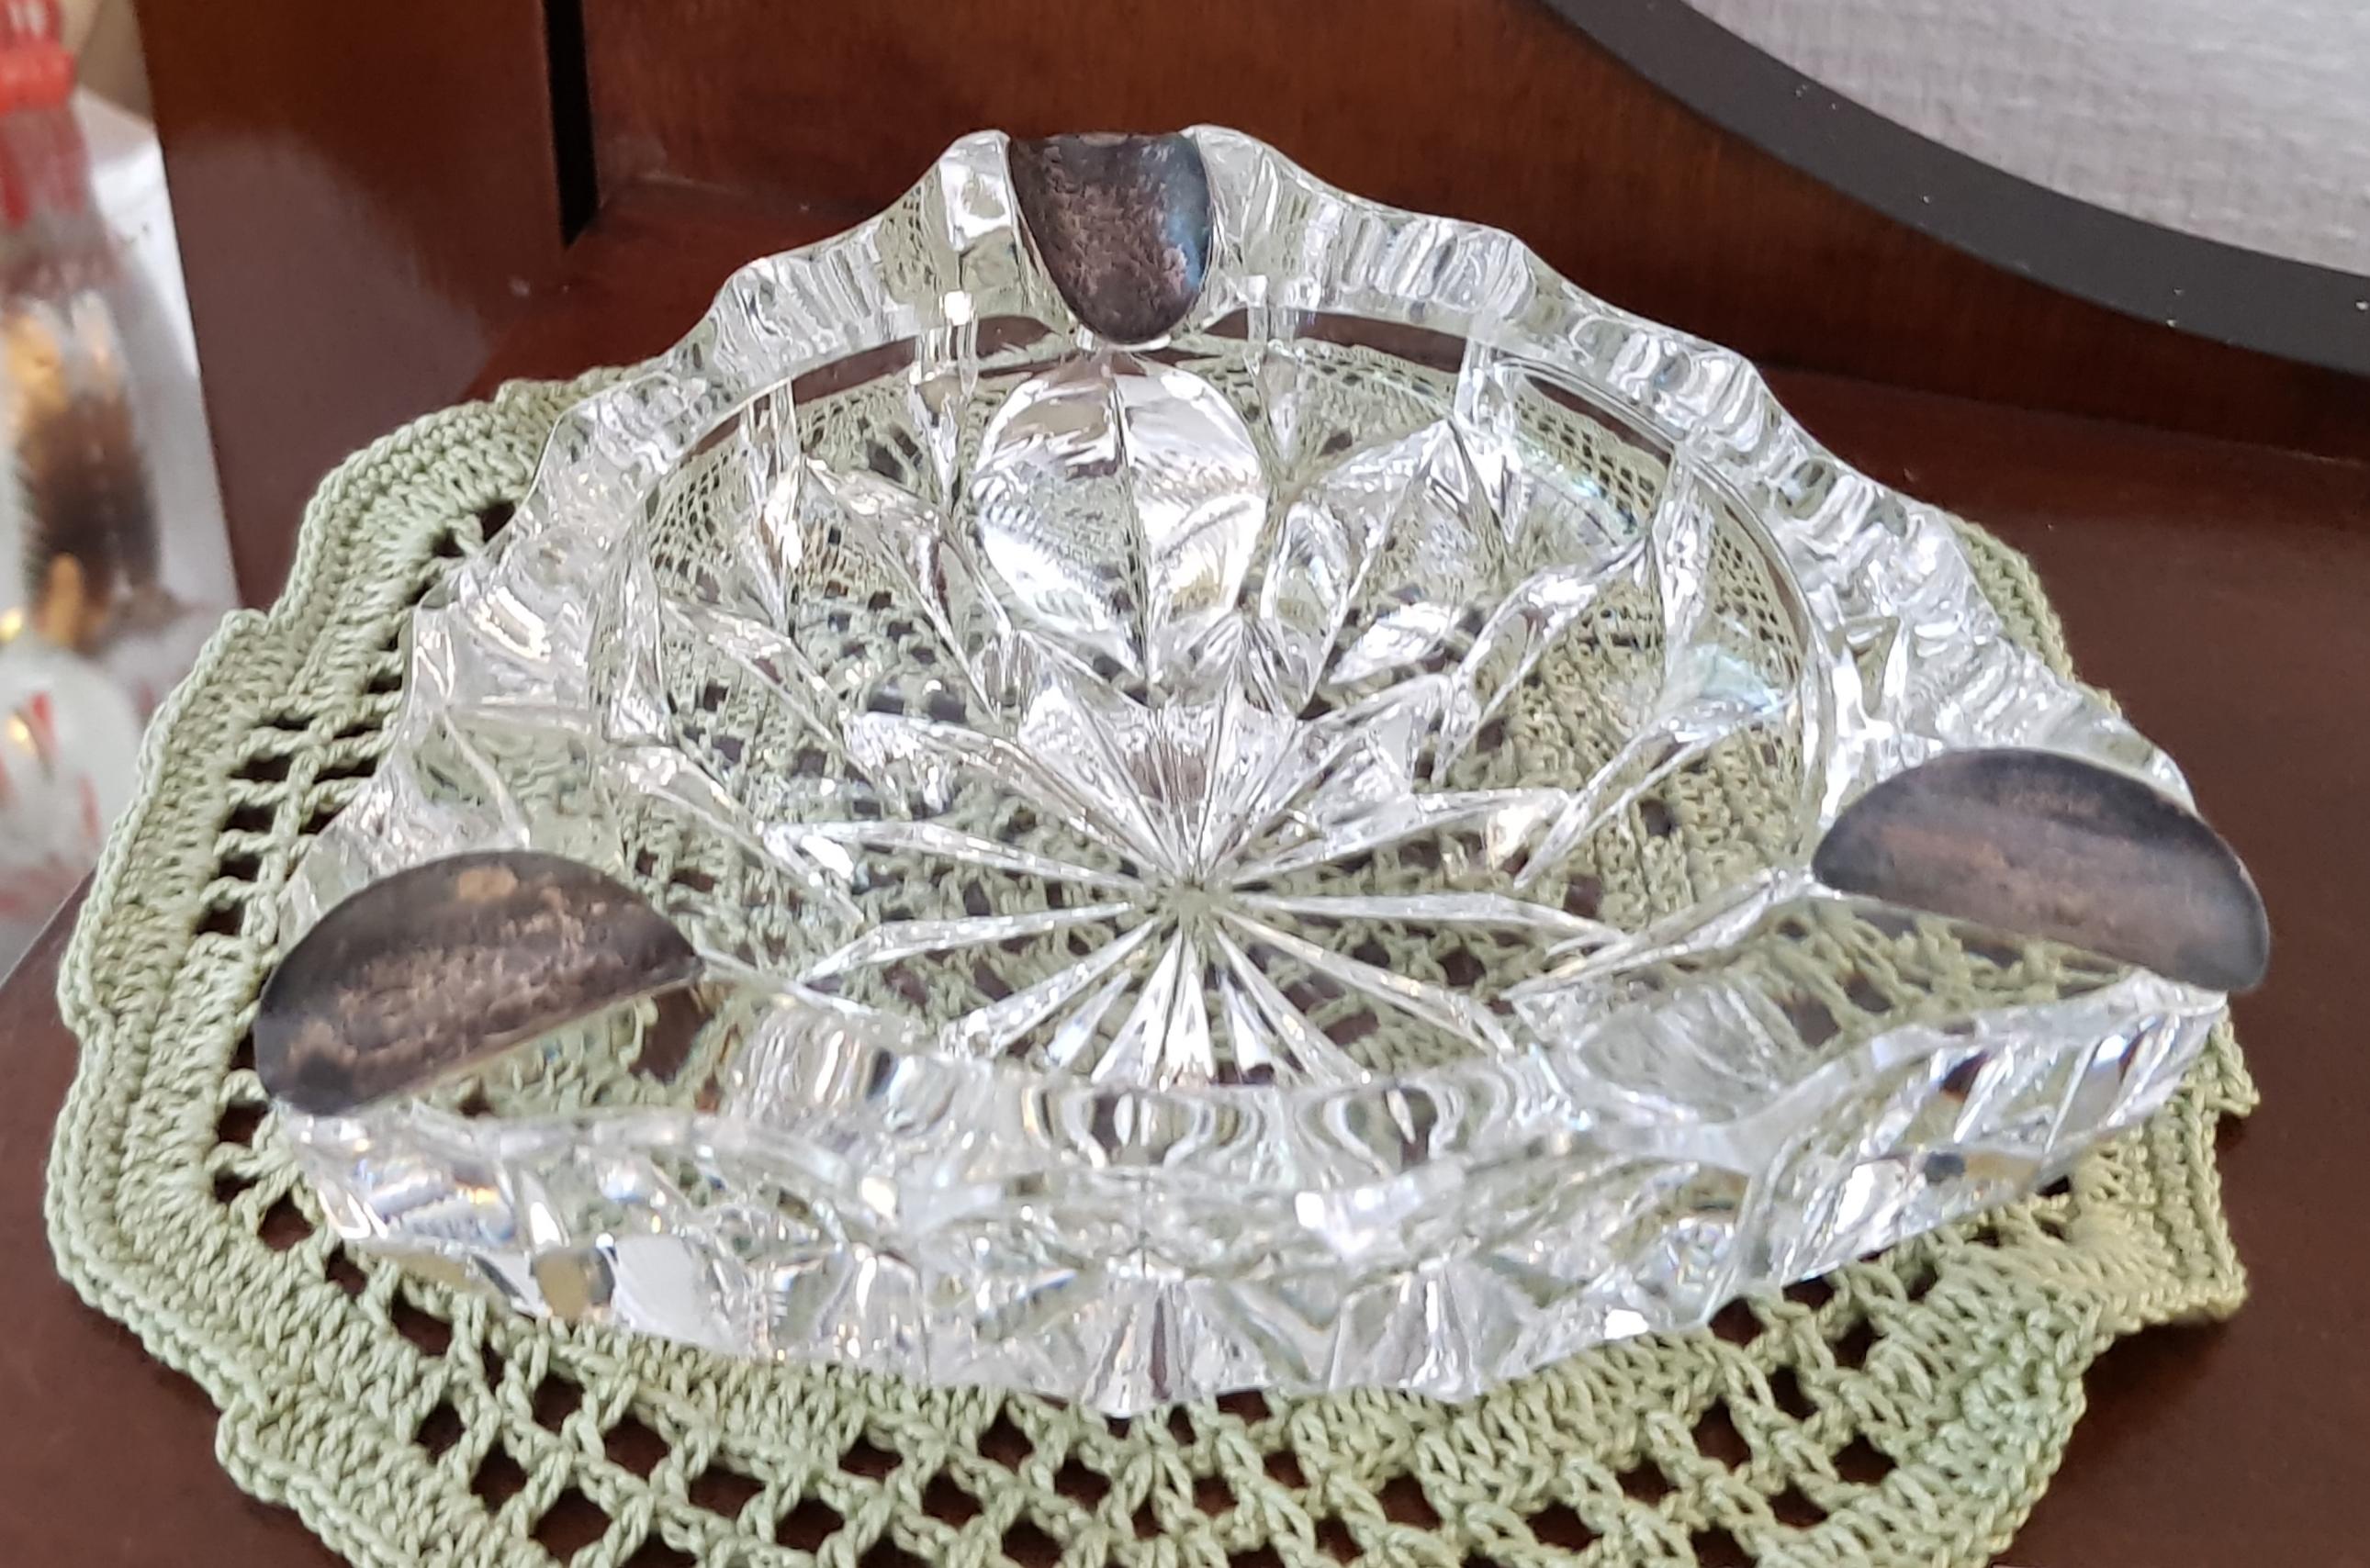 Vanha kristalli tuhkakuppi